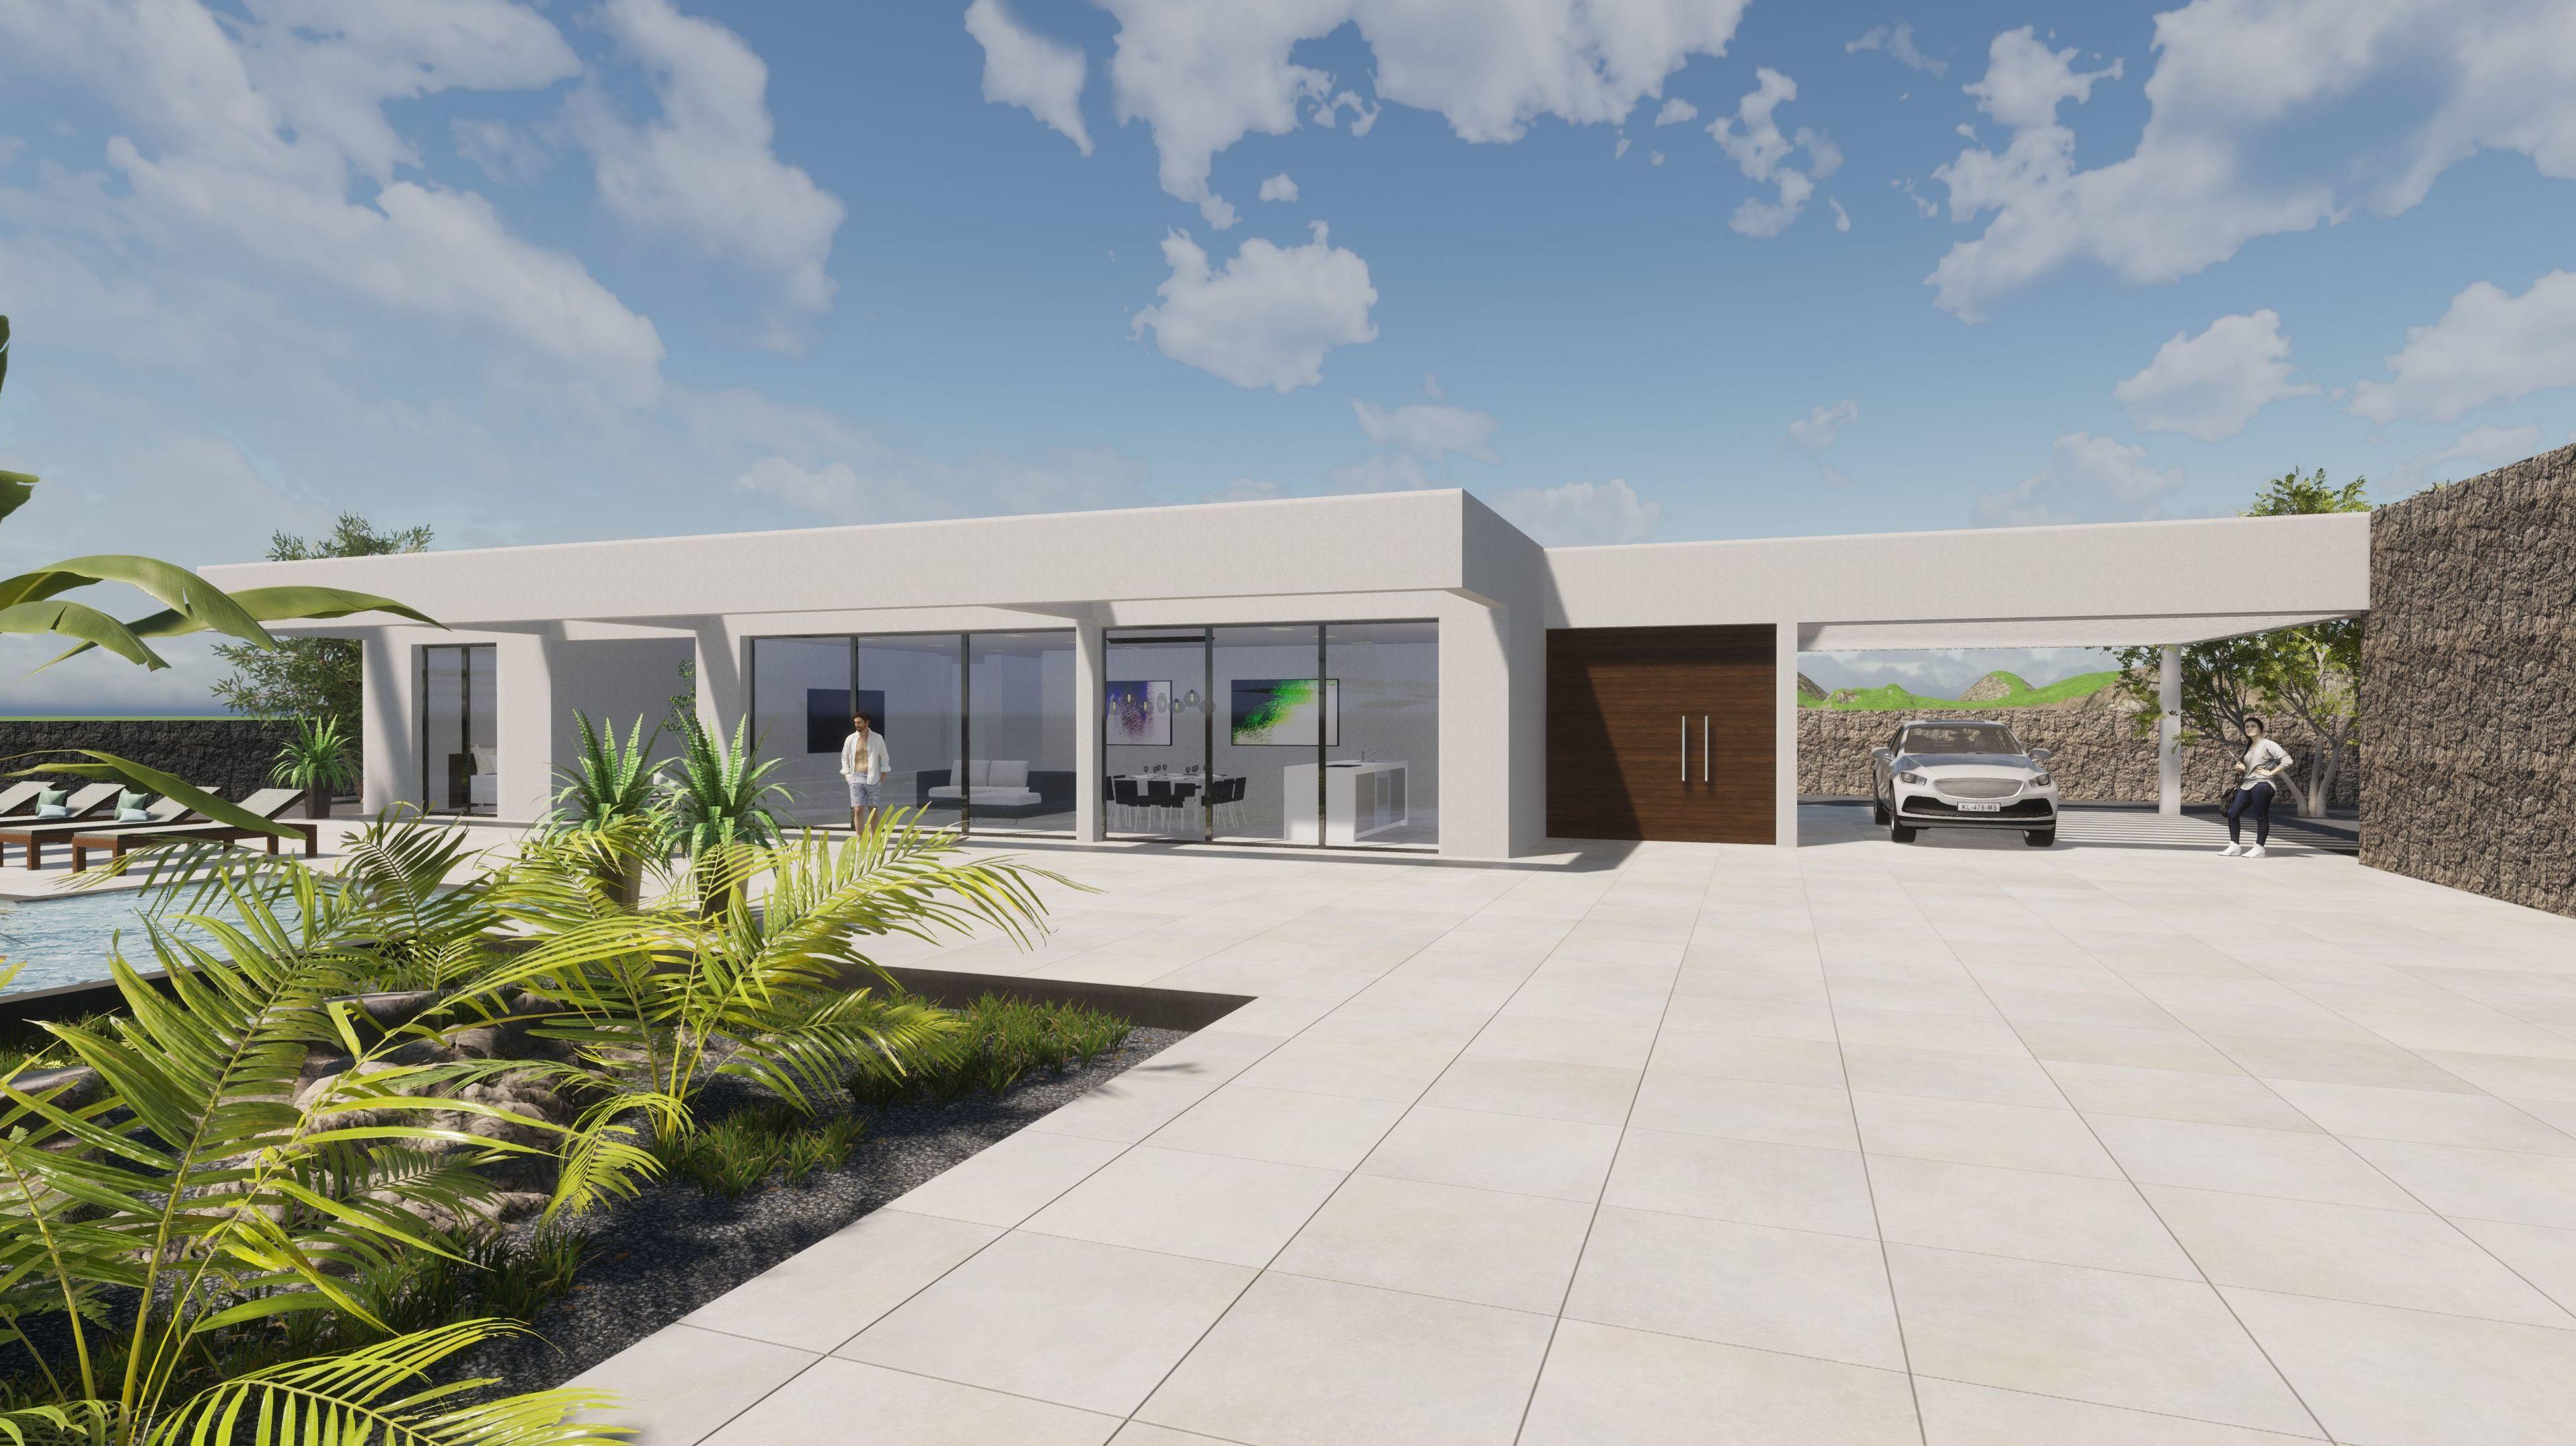 Foto 5 de Edificaciones en Arrecife - Lanzarote | MMT Arquitecto